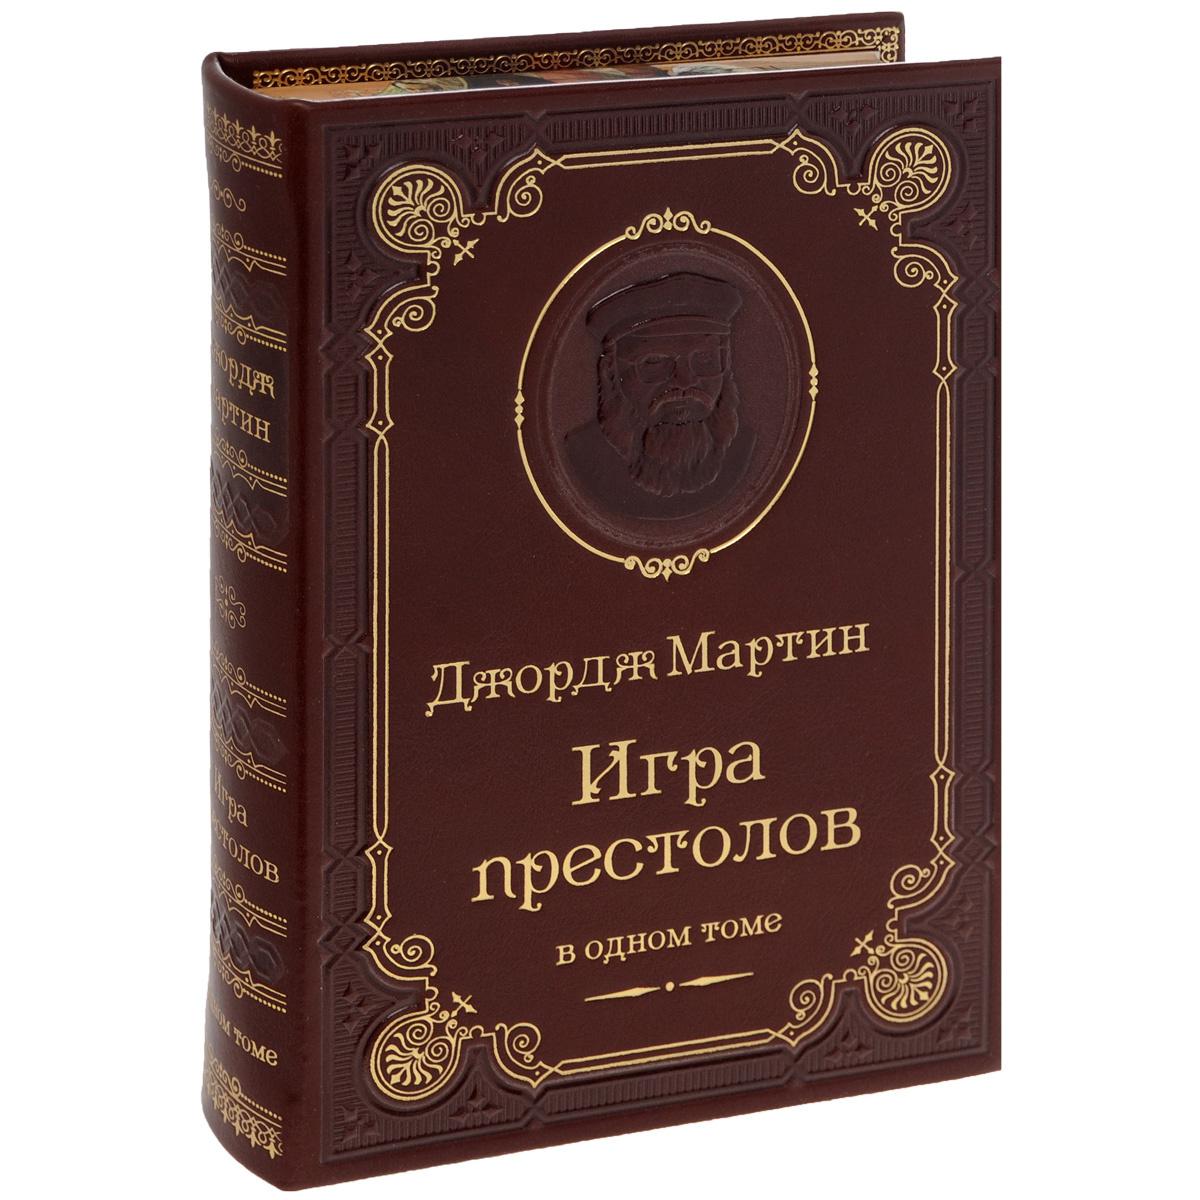 Игра престолов (подарочное издание) | Мартин Джордж Рэймонд Ричард  #1